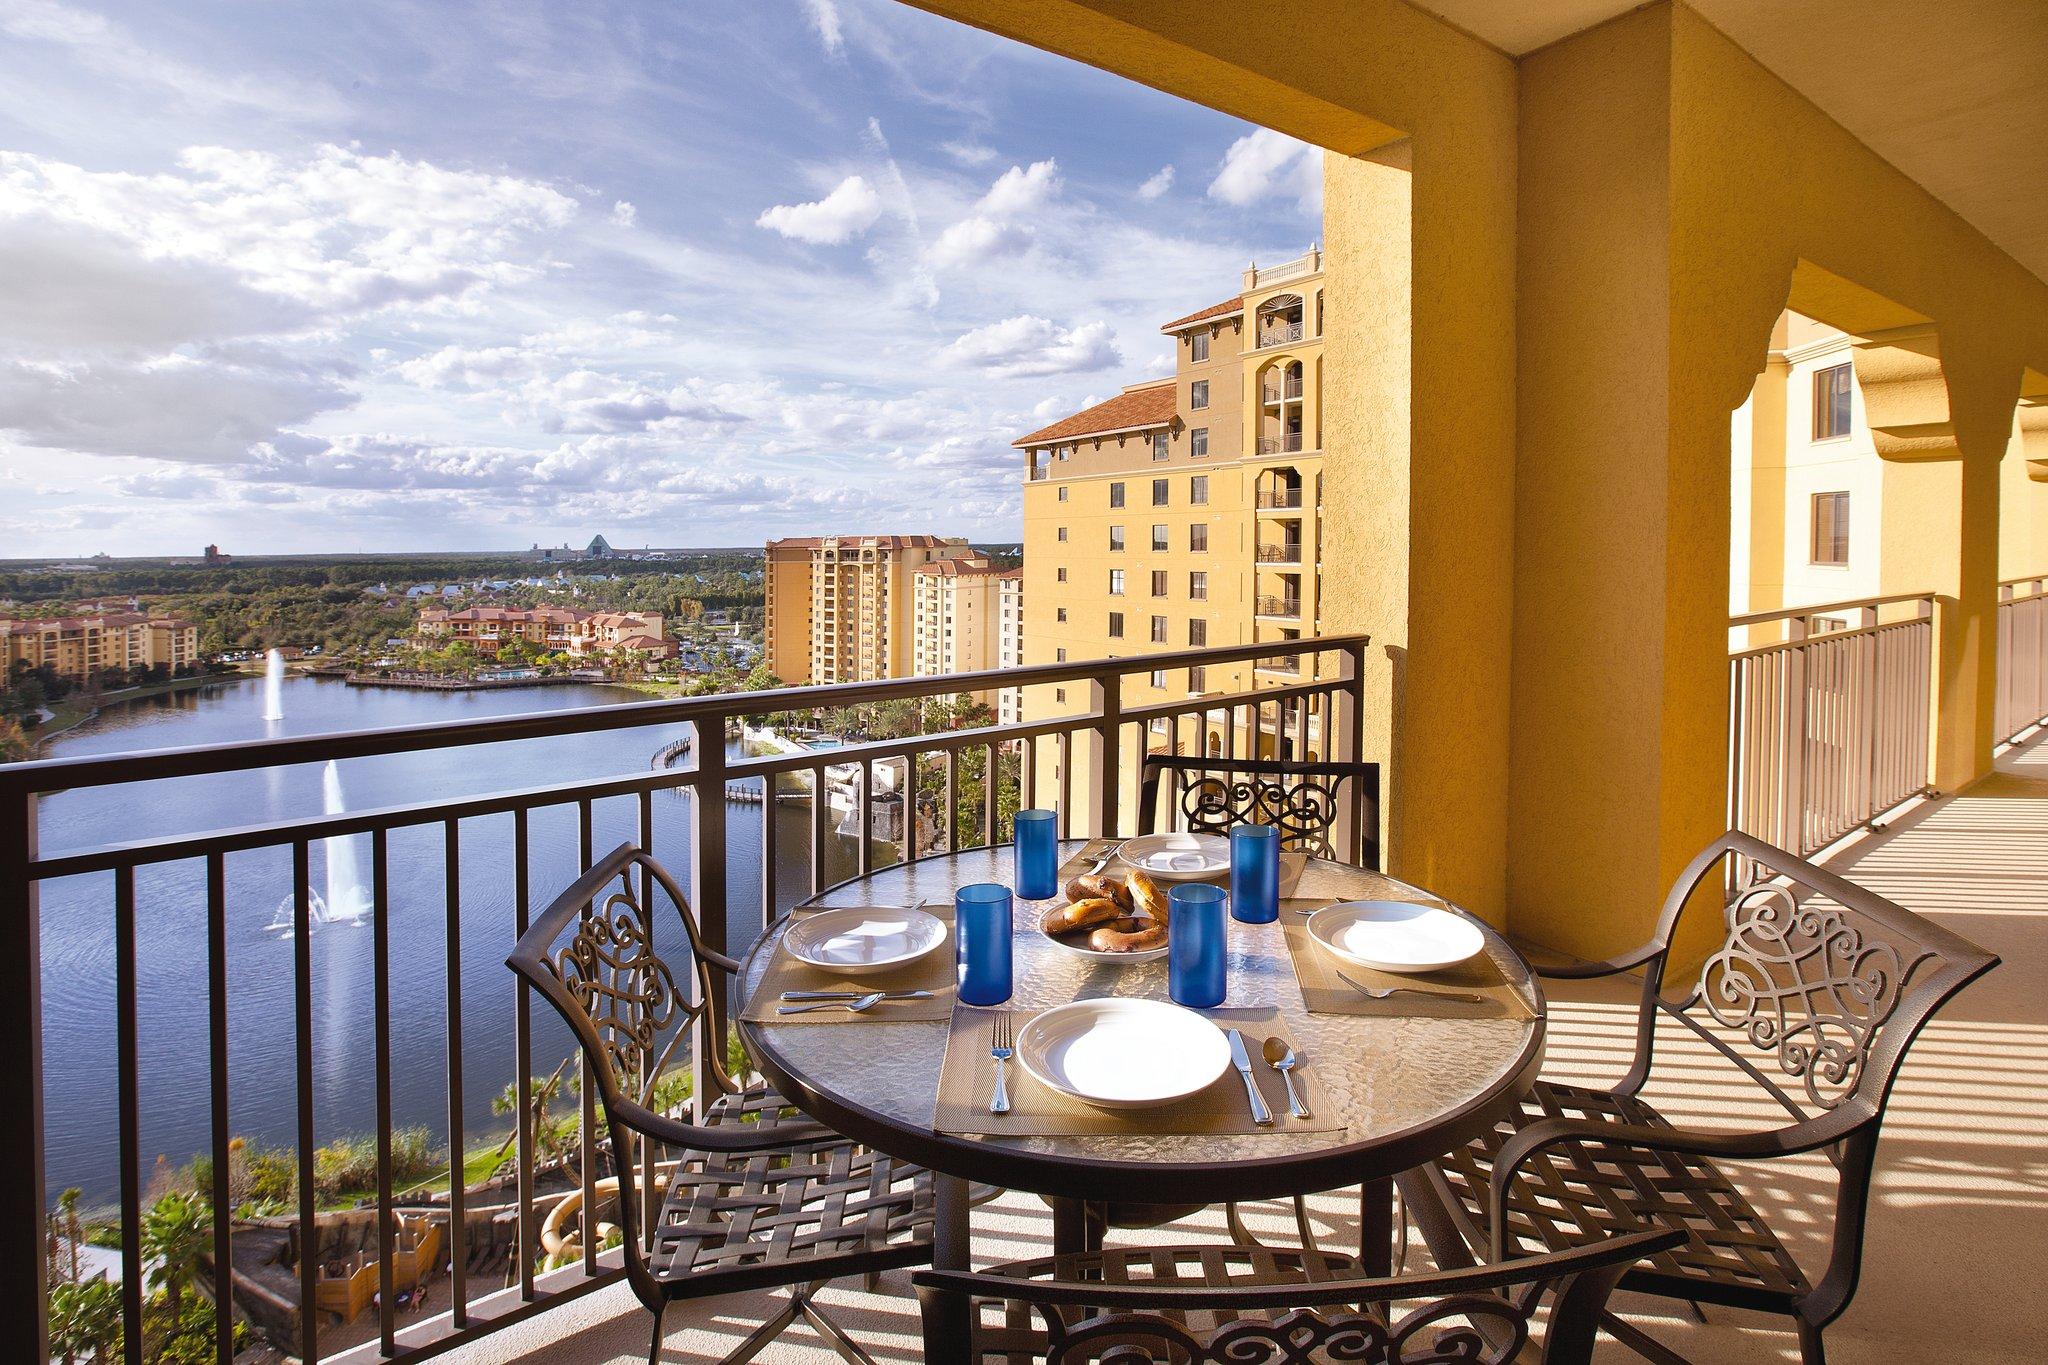 Four Bedroom Suites At Club Wyndham Bonnet Creek At Club Wyndham Bonnet Creek In Orlando Florida